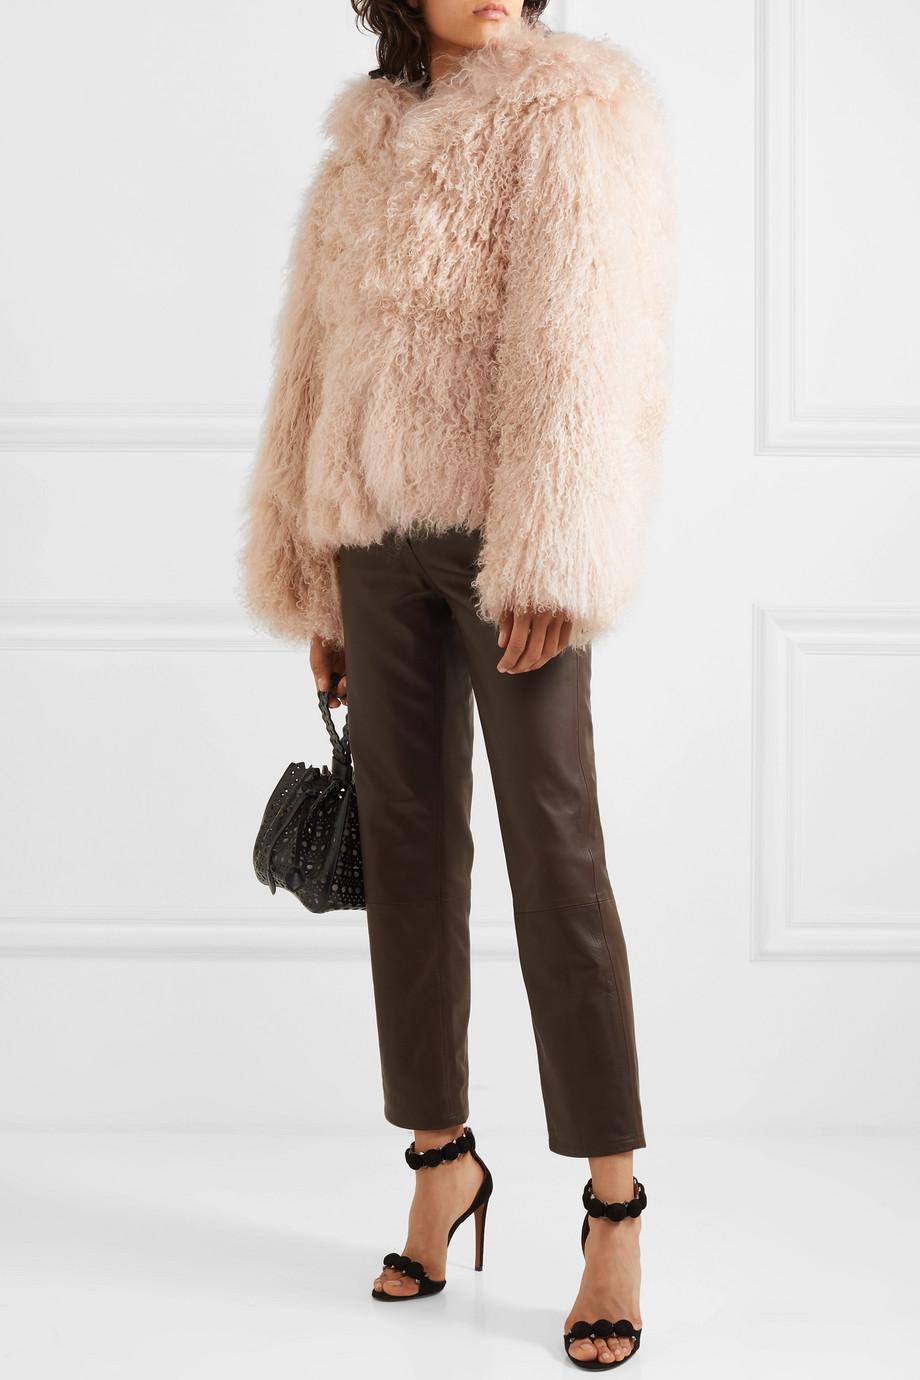 Alaïa Manteau à capuche oversize en peau lainée